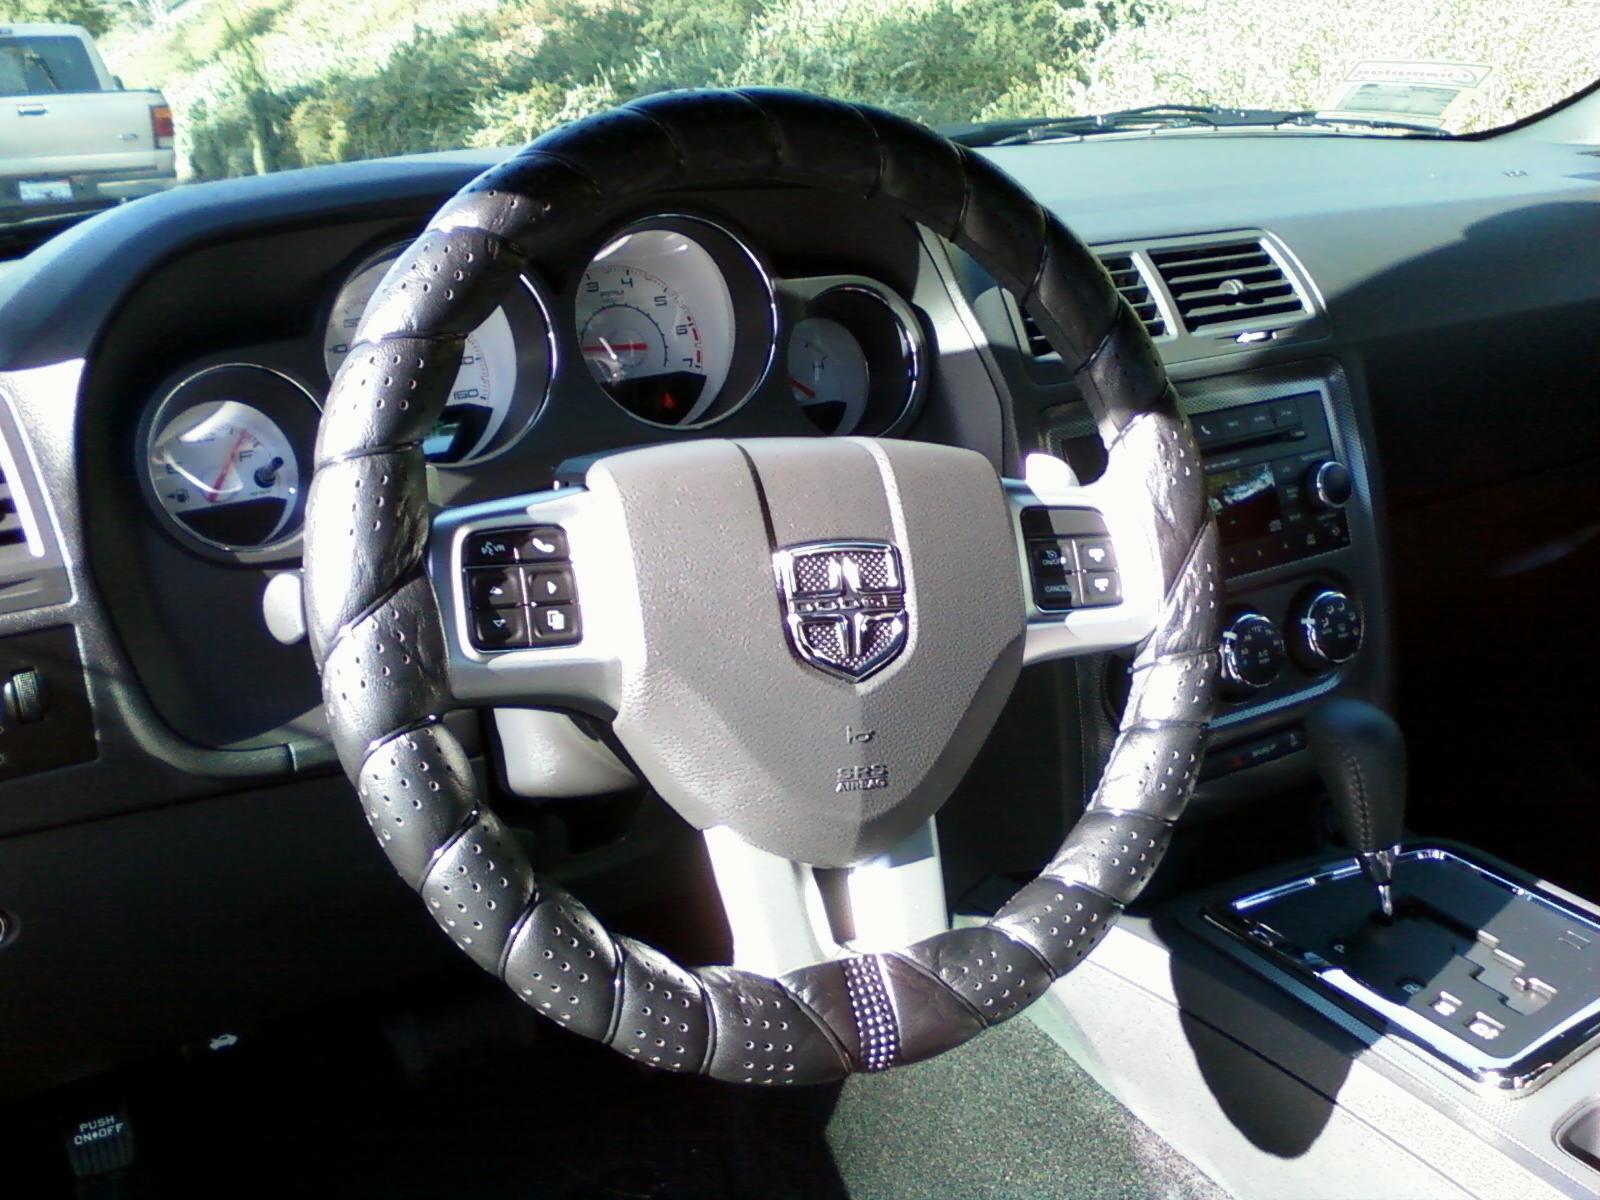 Steering wheel cover suggestions?-1205121203.jpg